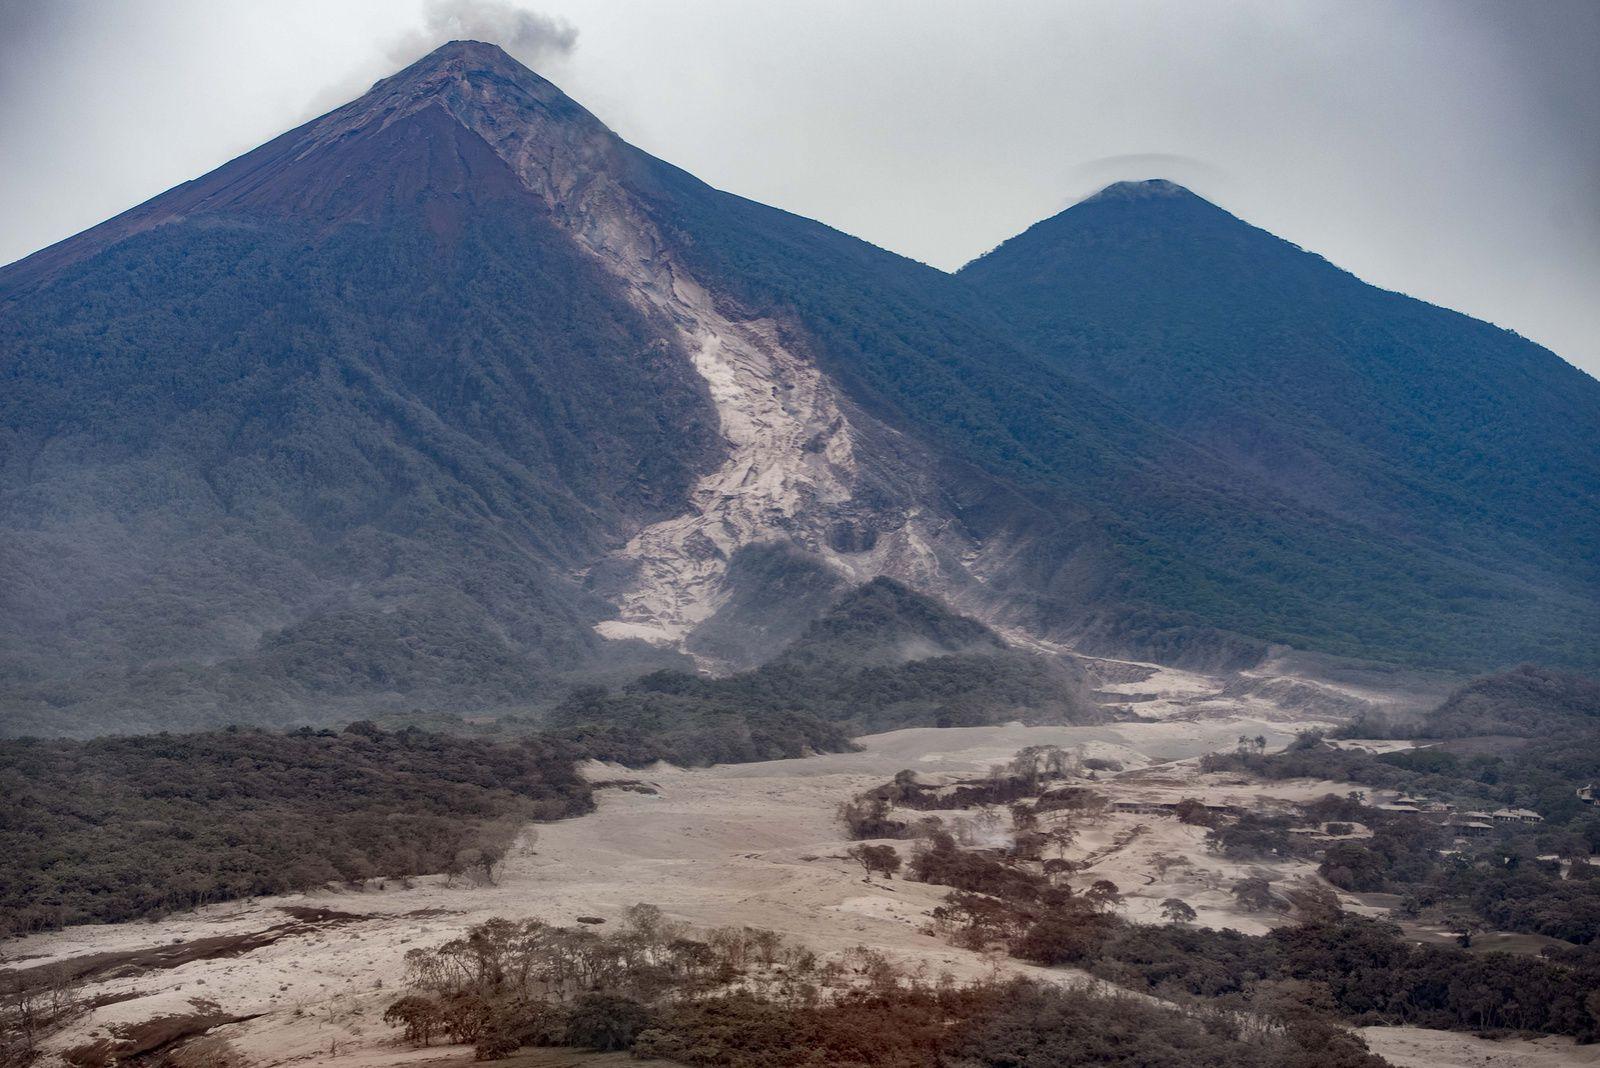 Fuego - 04.06.2018 after eruption - photo Conred / Flickr